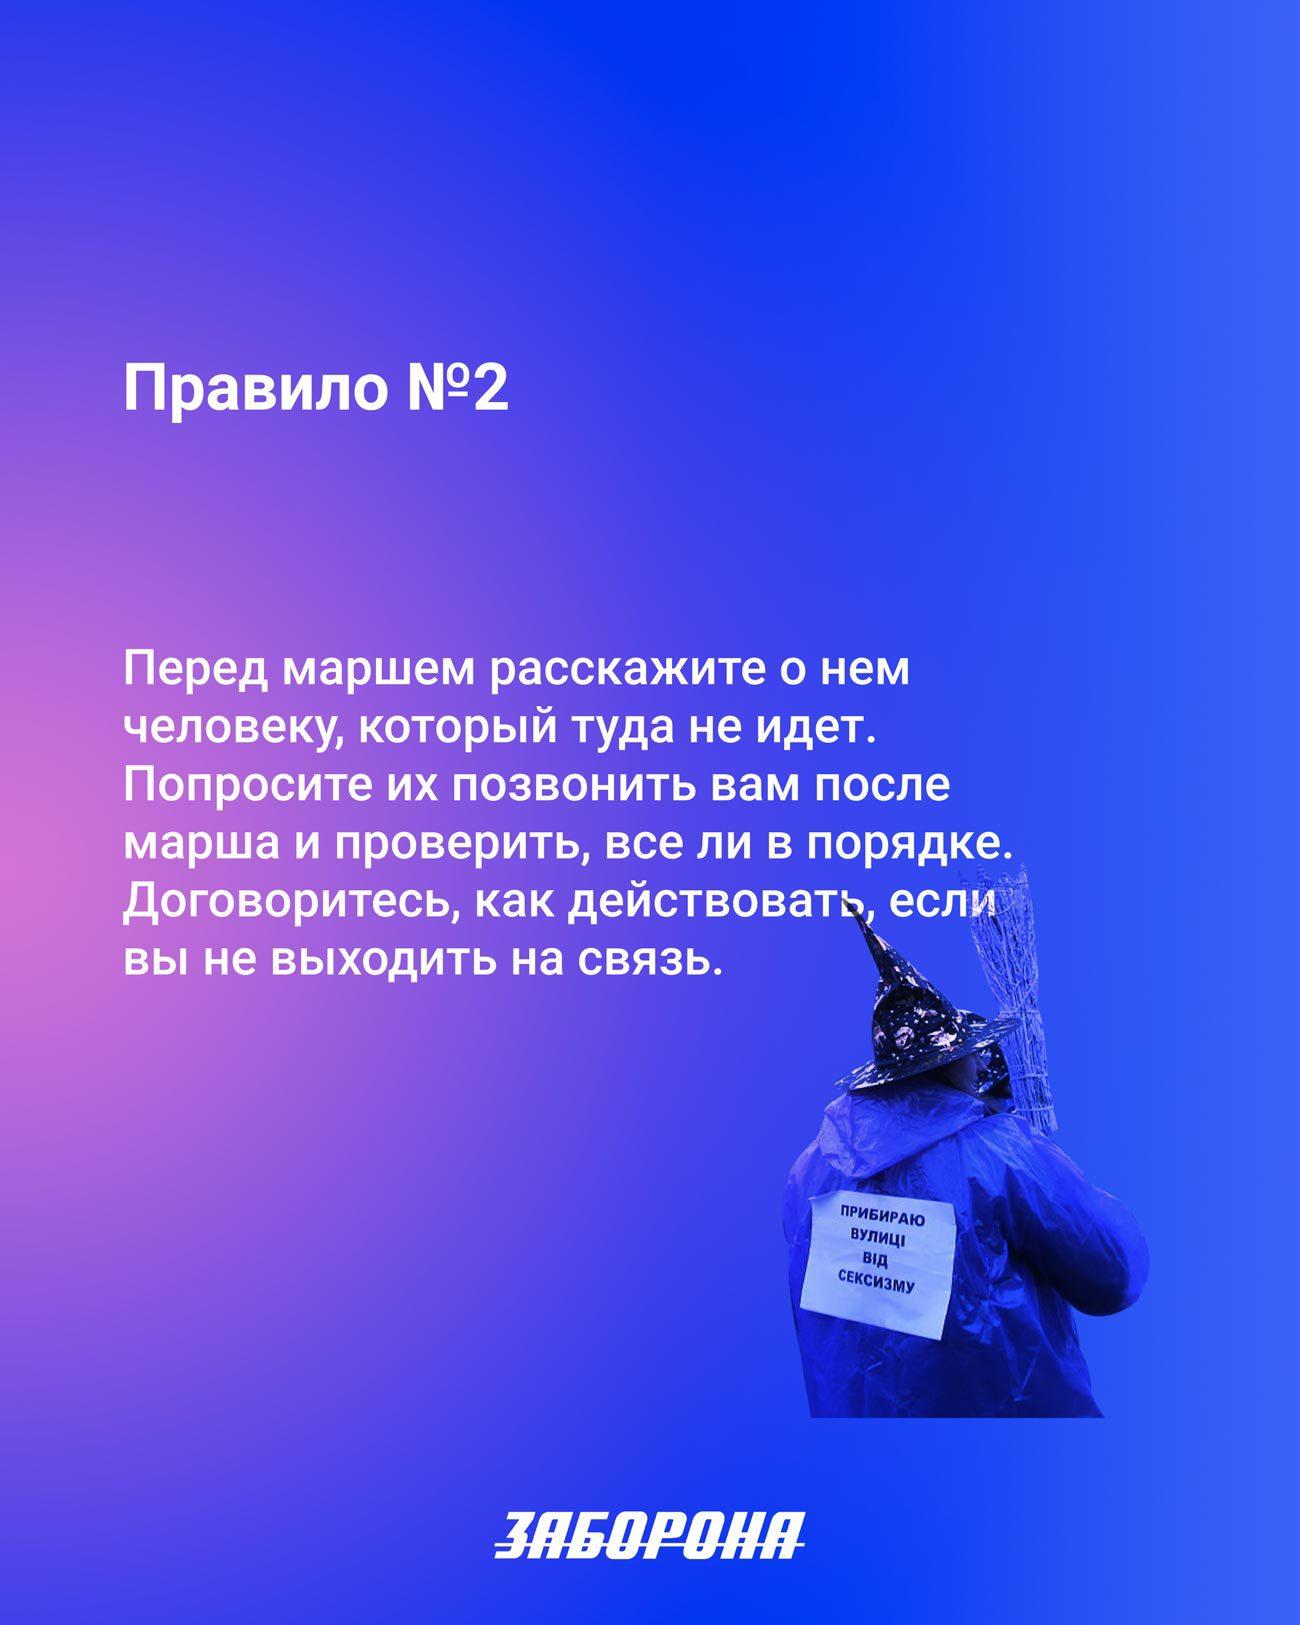 women march cards rule 2 ru - <b>Как сходить на марш и вернуться невредимой.</b> Краткая инструкция по безопасности - Заборона